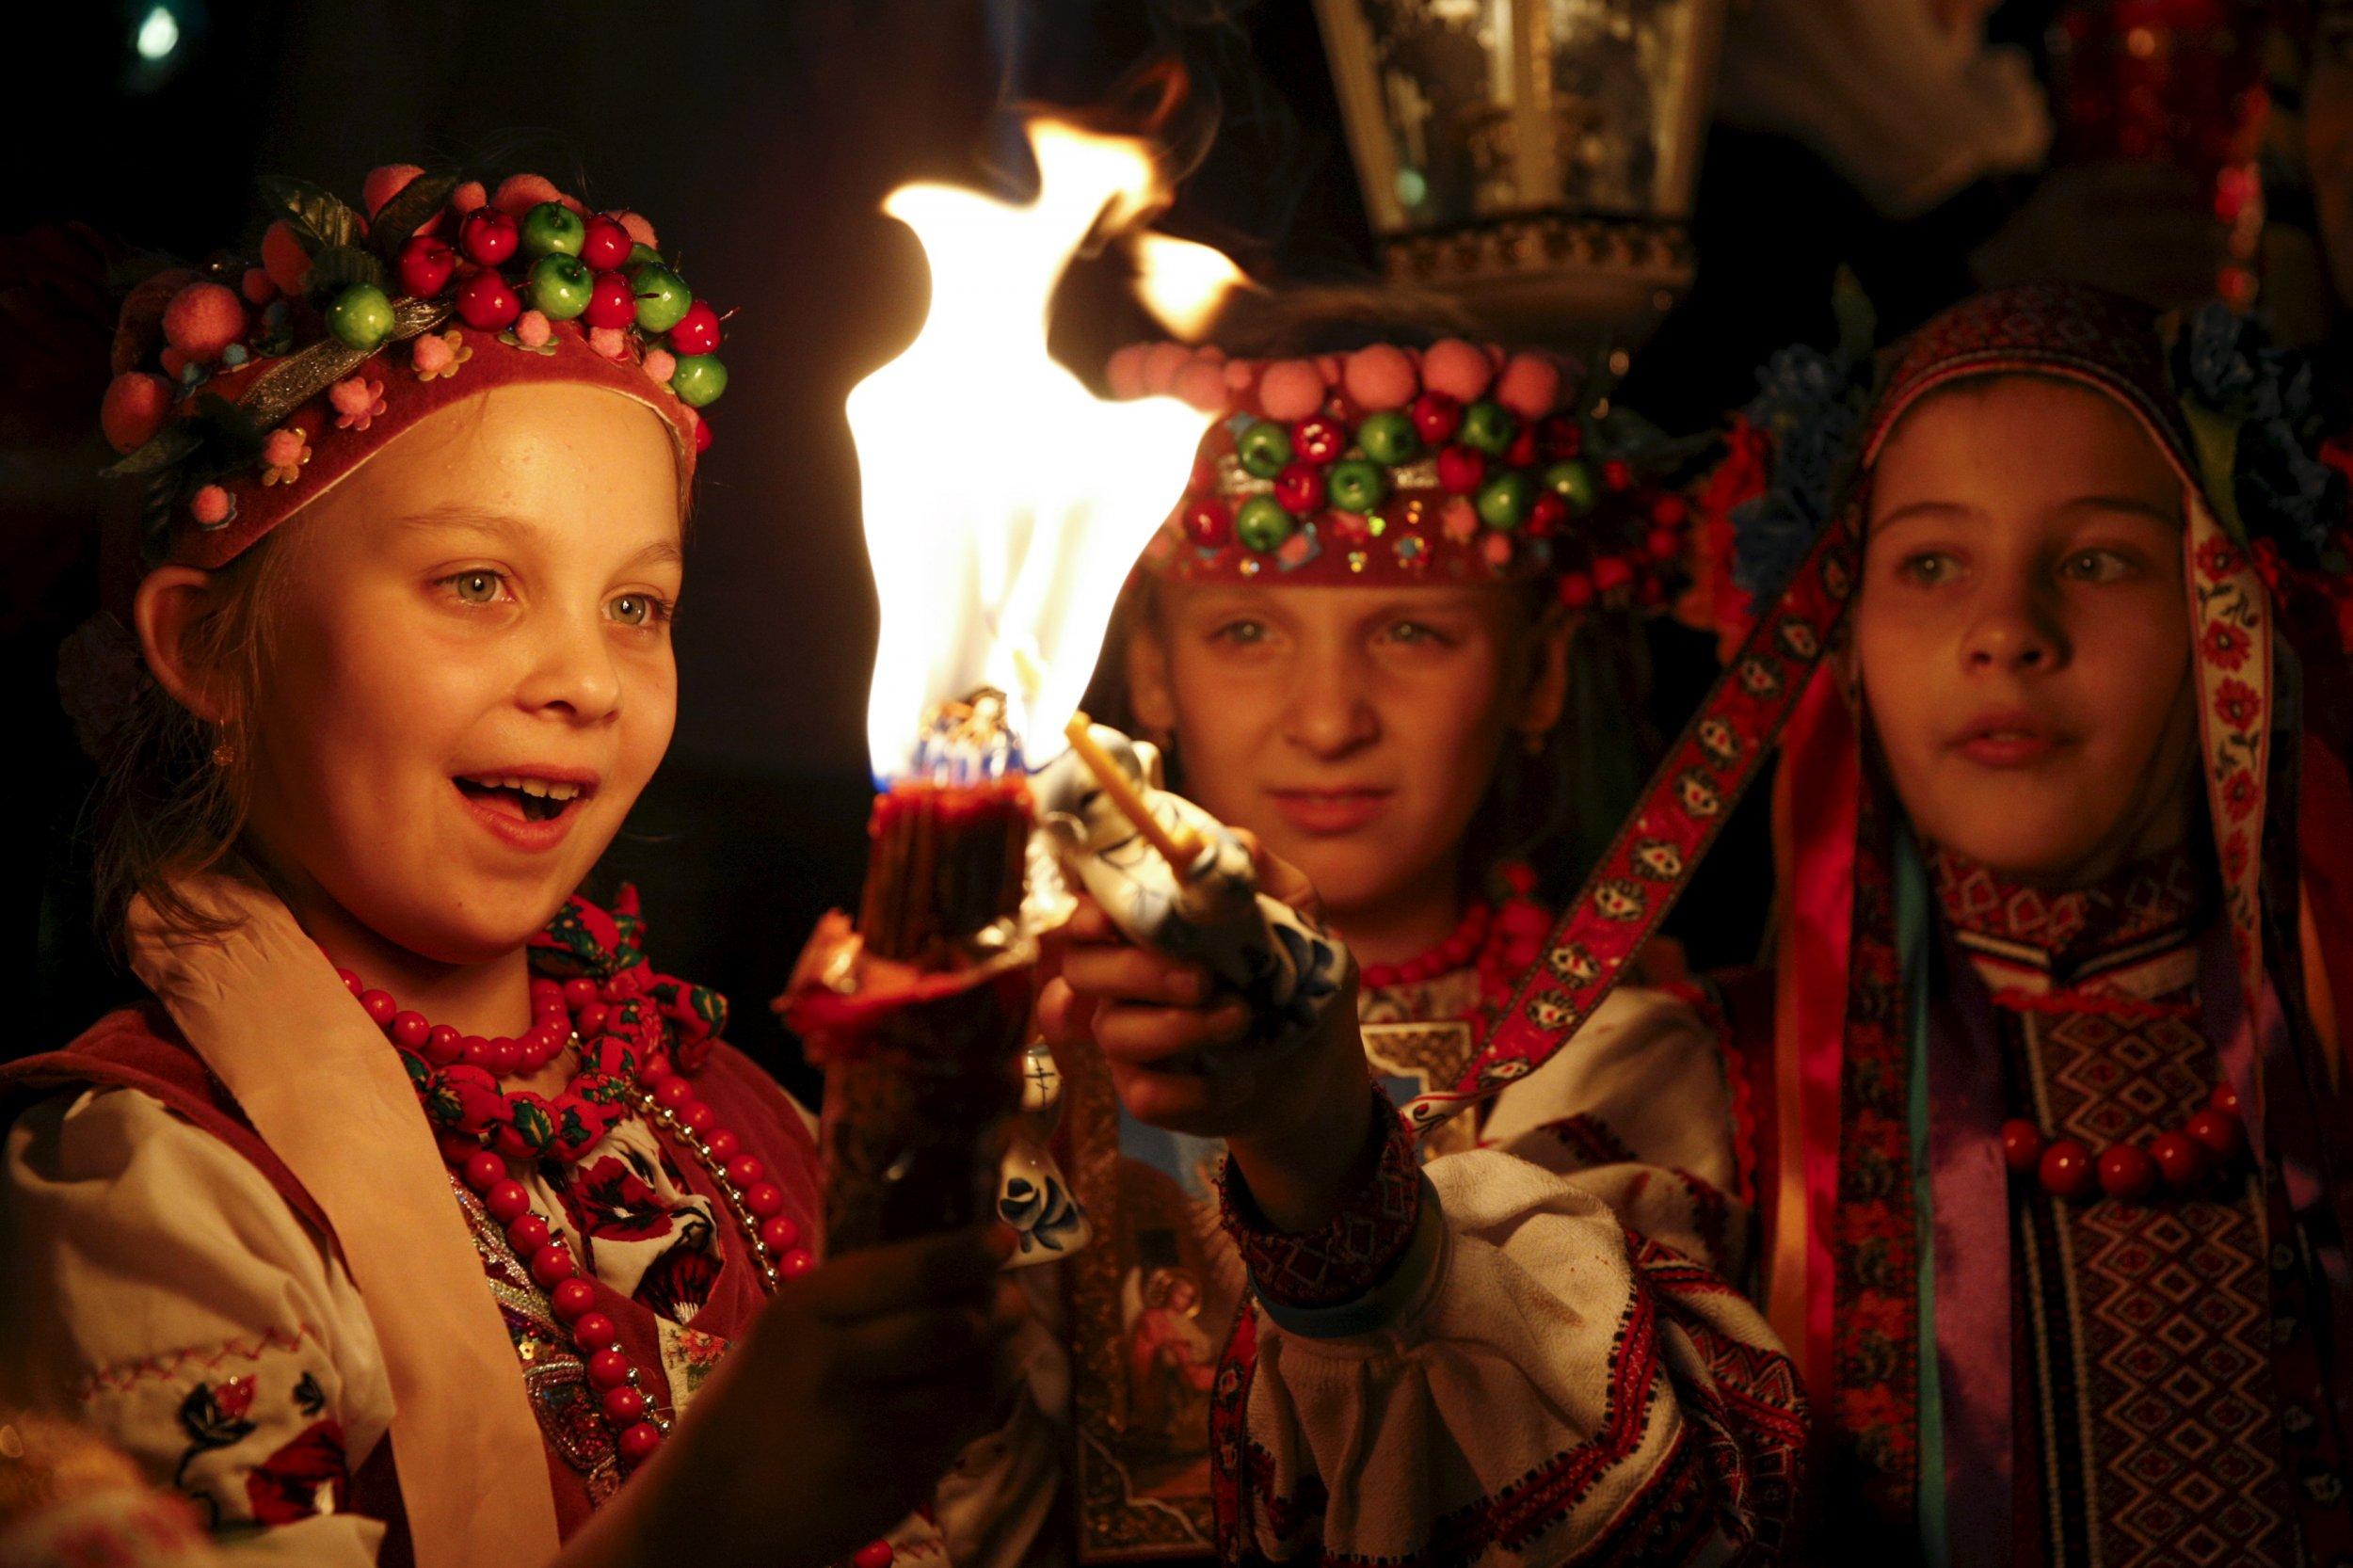 06_25_Ukraine_Orthodox_01